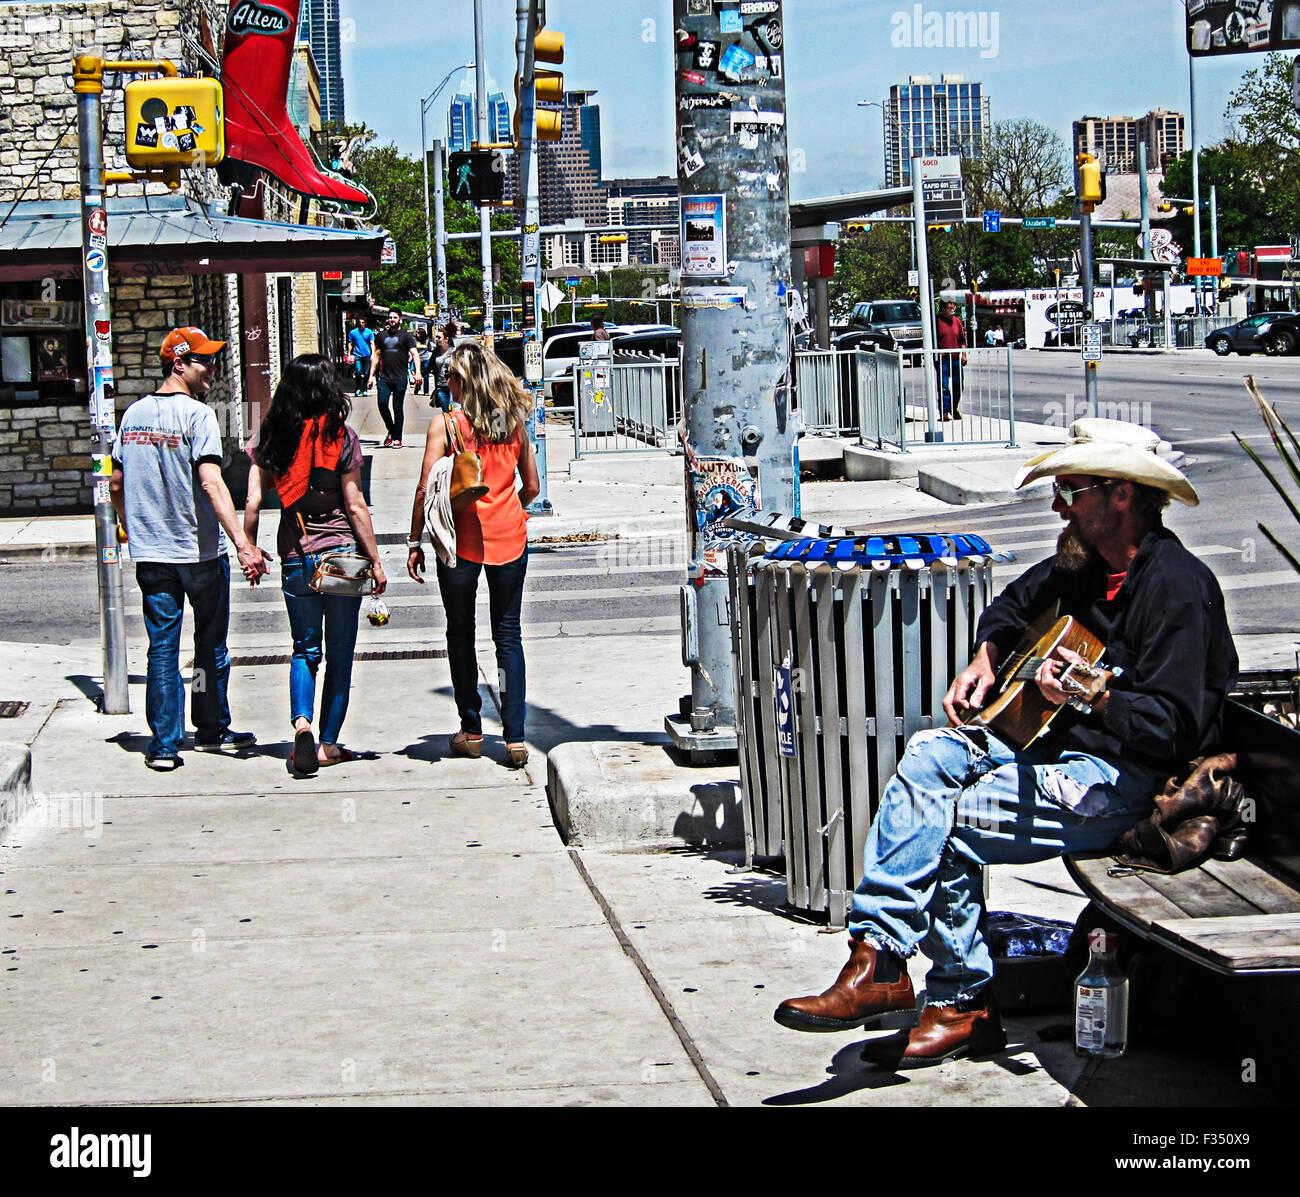 """Junge Erwachsene Einkaufen in """"SoCo"""" Bezirk (South Congress) von Austin, Texas Stockbild"""